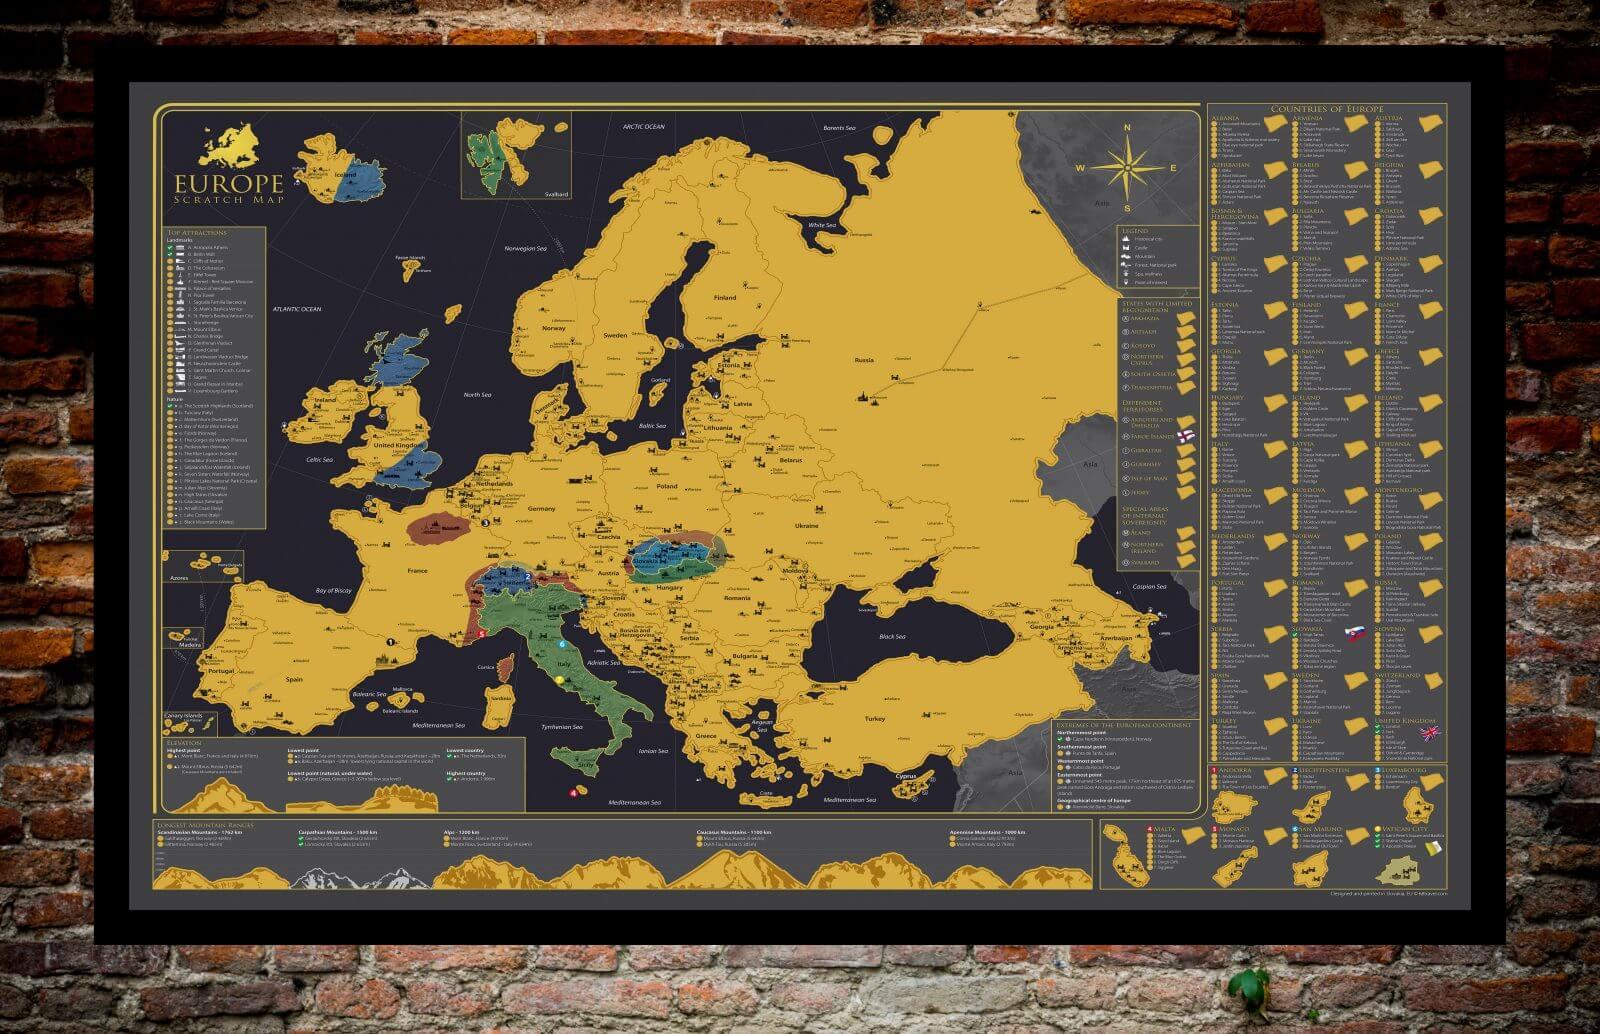 Stieracia mapa Európy - zobrazená so zotretými časťami